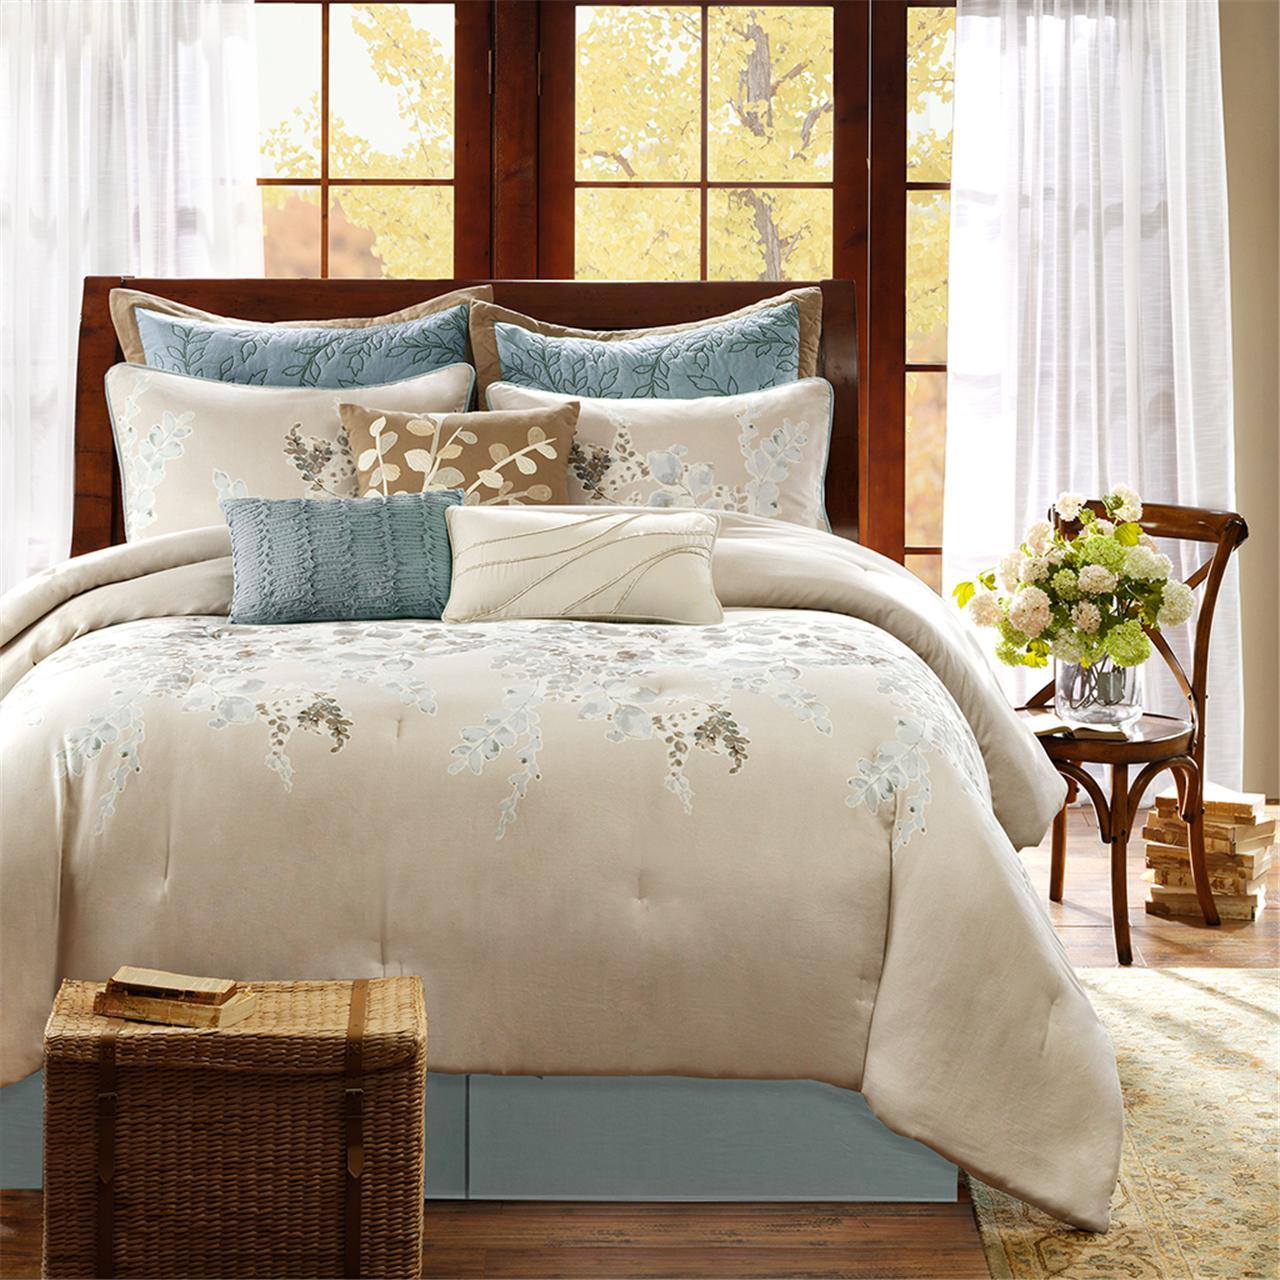 Bedroom Design Beach Theme